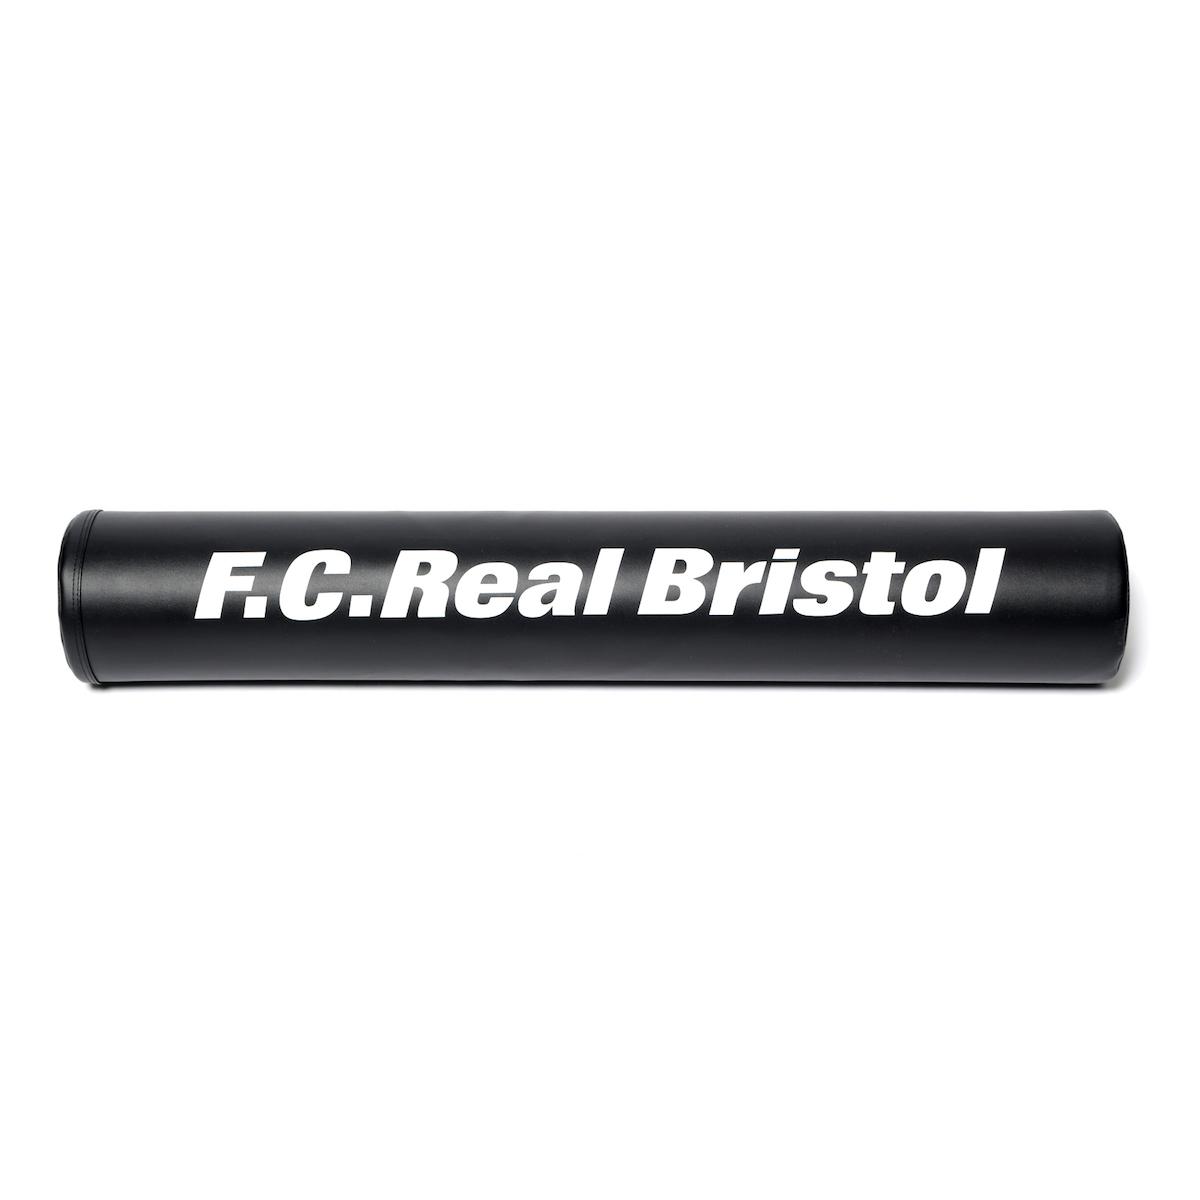 F.C.Real Bristol / STRETCH POLE